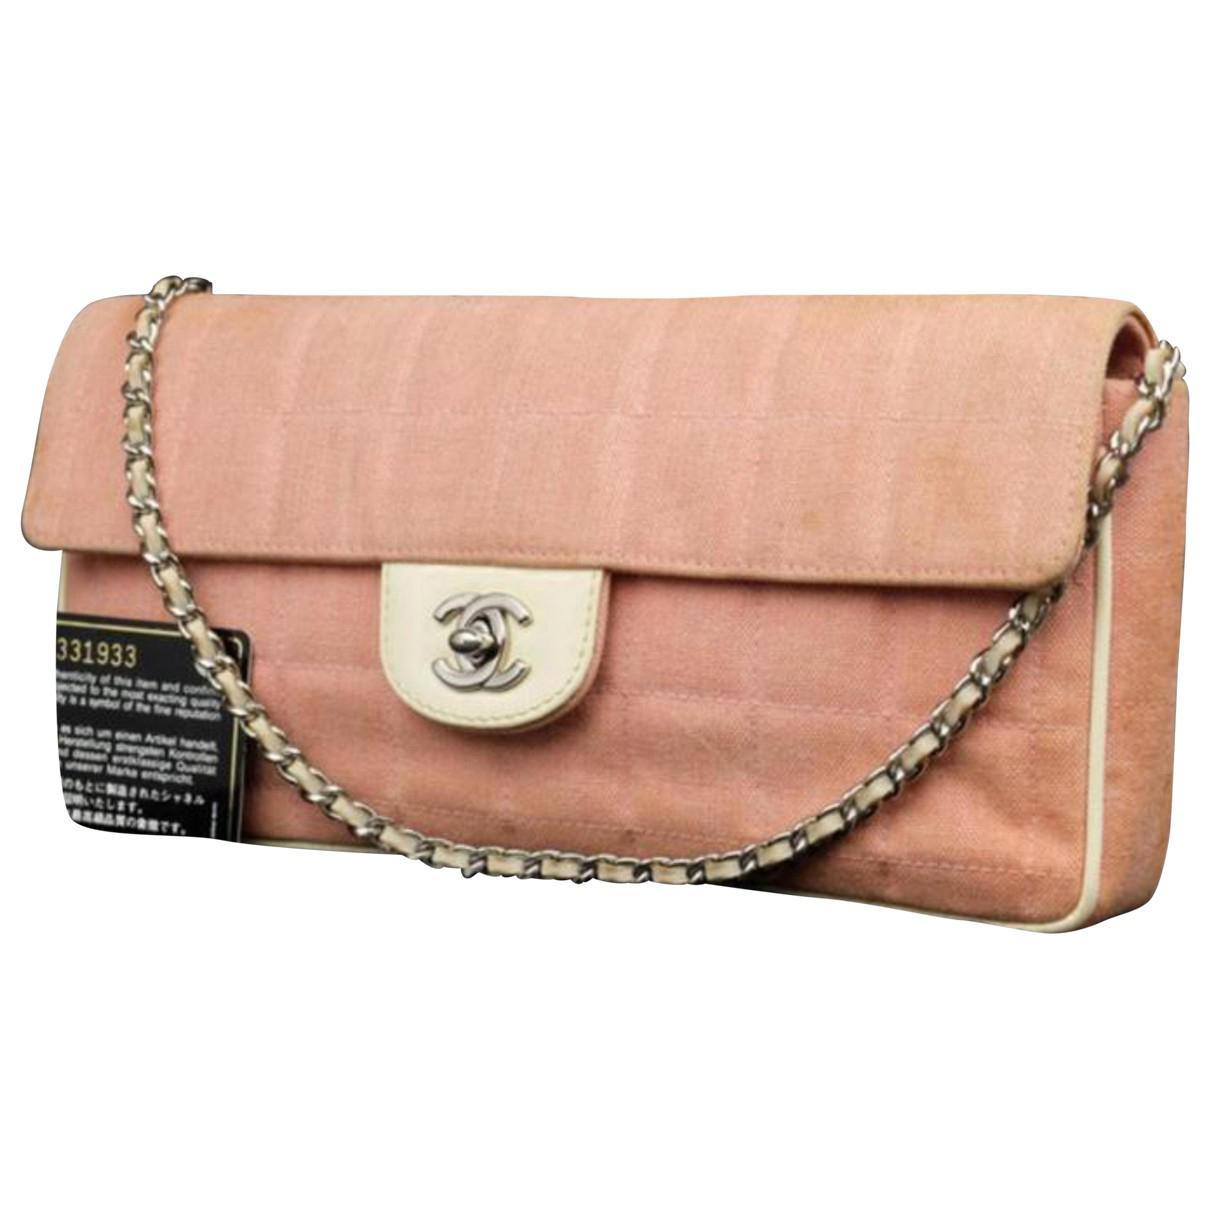 Chanel Pre-owned - Cloth handbag MuBQHgi